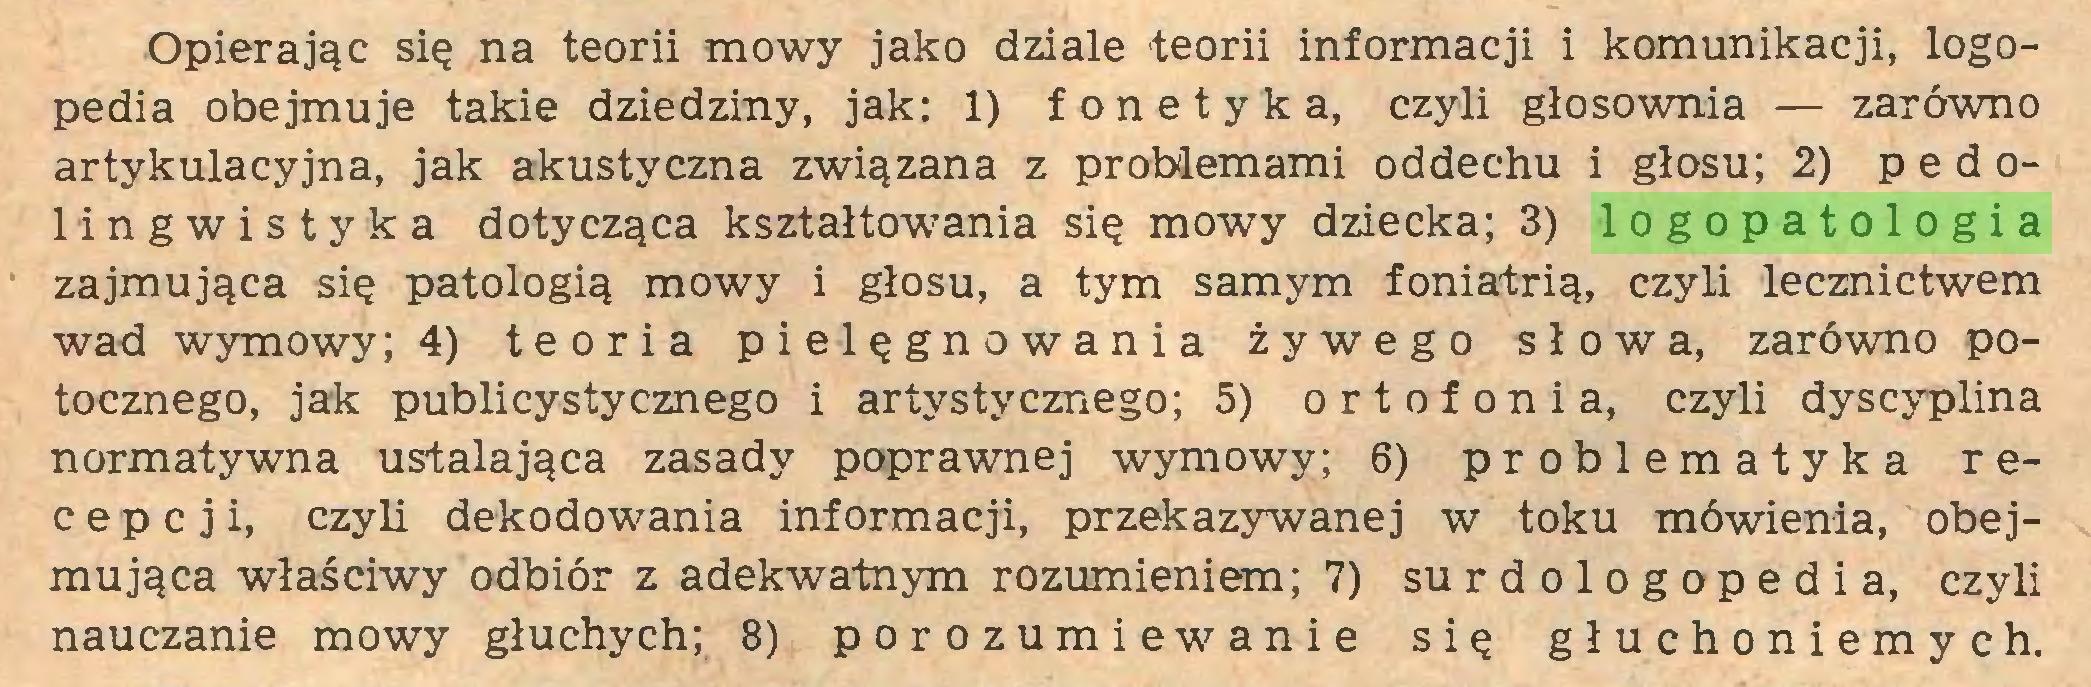 (...) Opierając się na teorii mowy jako dziale teorii informacji i komunikacji, logopedia obejmuje takie dziedziny, jak: 1) fonetyka, czyli głosownia — zarówno artykulacyjna, jak akustyczna związana z problemami oddechu i głosu; 2) pedolingwistyka dotycząca kształtowania się mowy dziecka; 3) logopatologia zajmująca się patologią mowy i głosu, a tym samym foniatrią, czyli lecznictwem wad wymowy; 4) teoria pielęgnowania żywego słowa, zarówmo potocznego, jak publicystycznego i artystycznego; 5) ortofonia, czyli dyscyplina normatywna ustalająca zasady poprawnej wymowy; 6) problematyka recepcji, czyli dekodowania informacji, przekazywanej w toku mówienia, obejmująca właściwy odbiór z adekwatnym rozumieniem; 7) surdologopedia, czyli nauczanie mowy głuchych; 8) porozumiewanie się głuchoniemych...